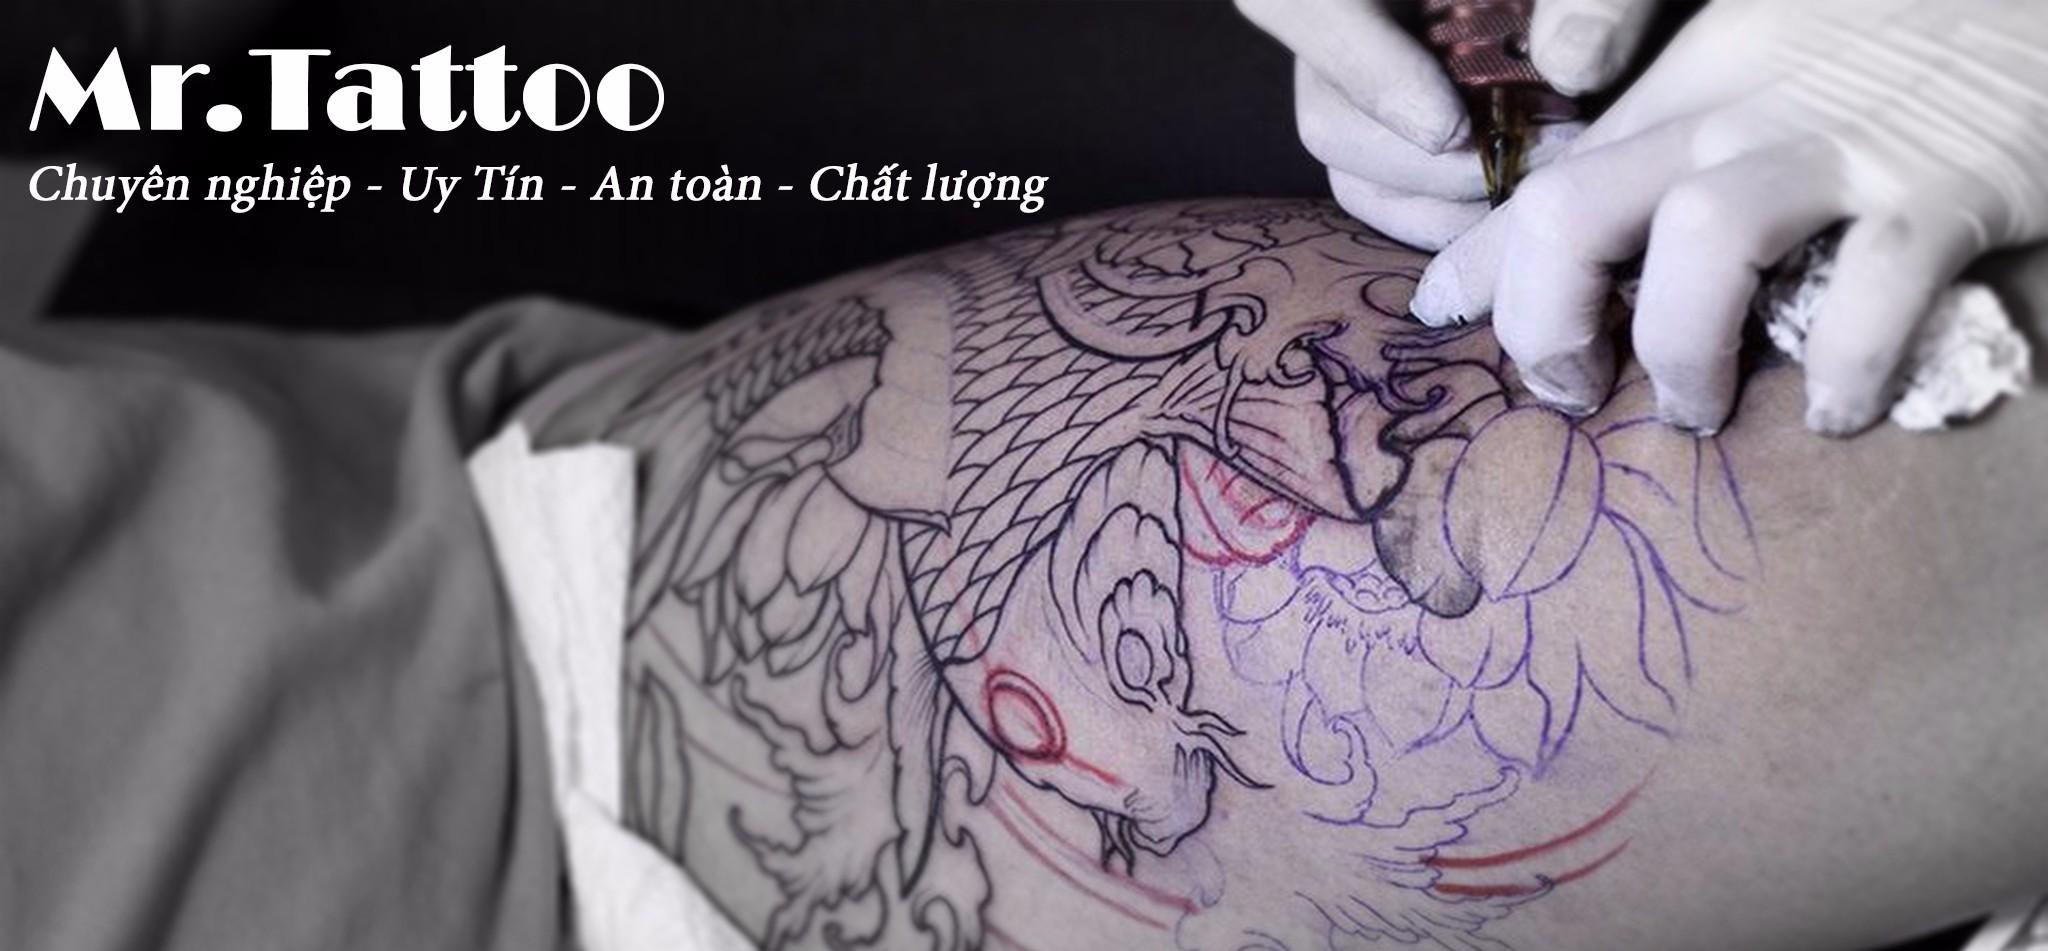 Tattoo Hình Xăm Là Gì? Tìm Hiểu Về Tattoo Hình Xăm Là Gì?